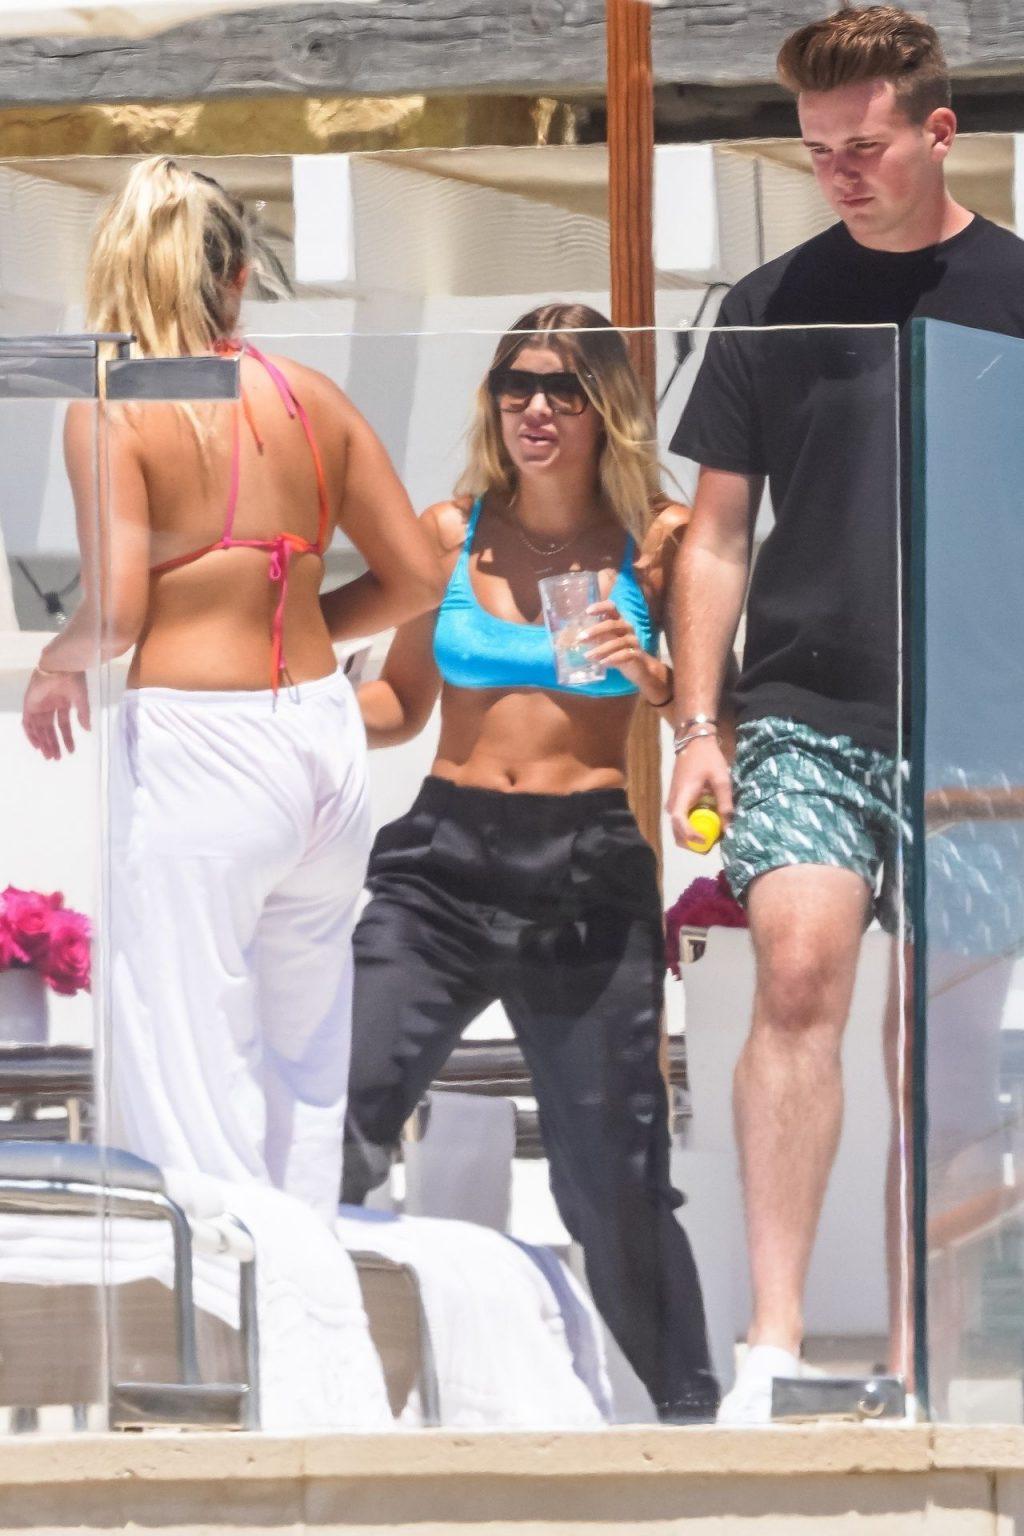 Sofia Richie Enjoys the Sunny Warm Weather with Friends in Malibu (43 Photos)